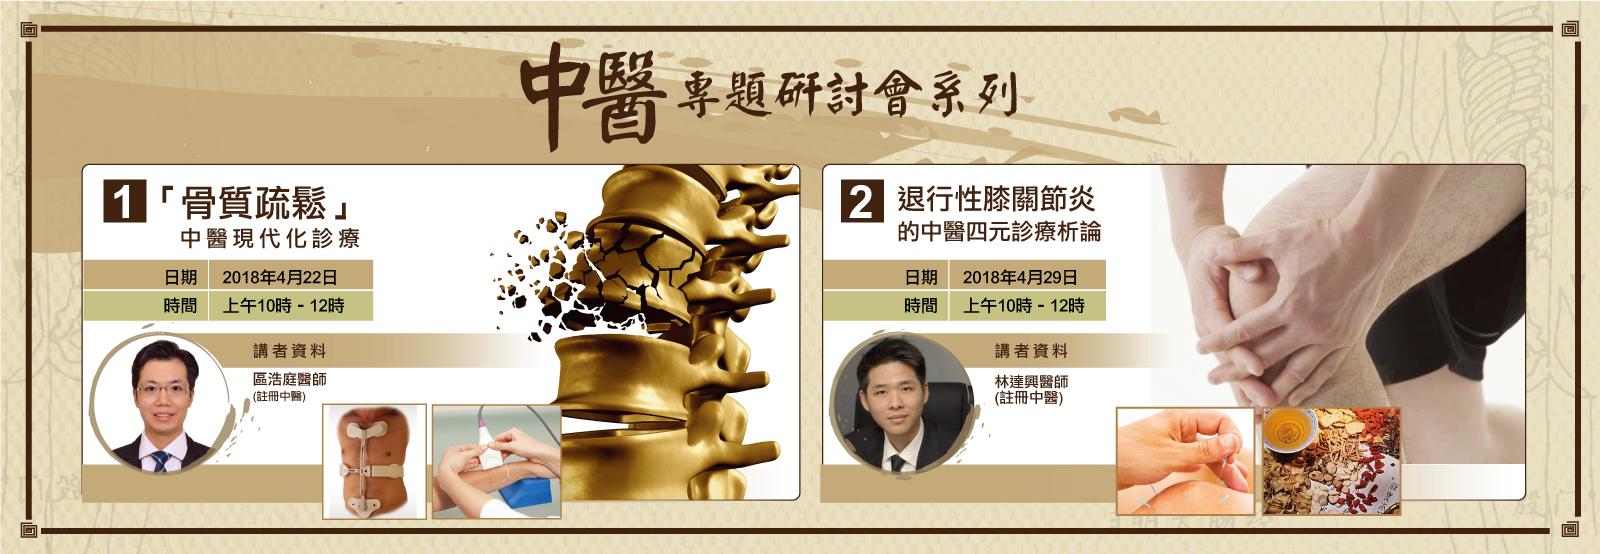 中醫專題研討會系列